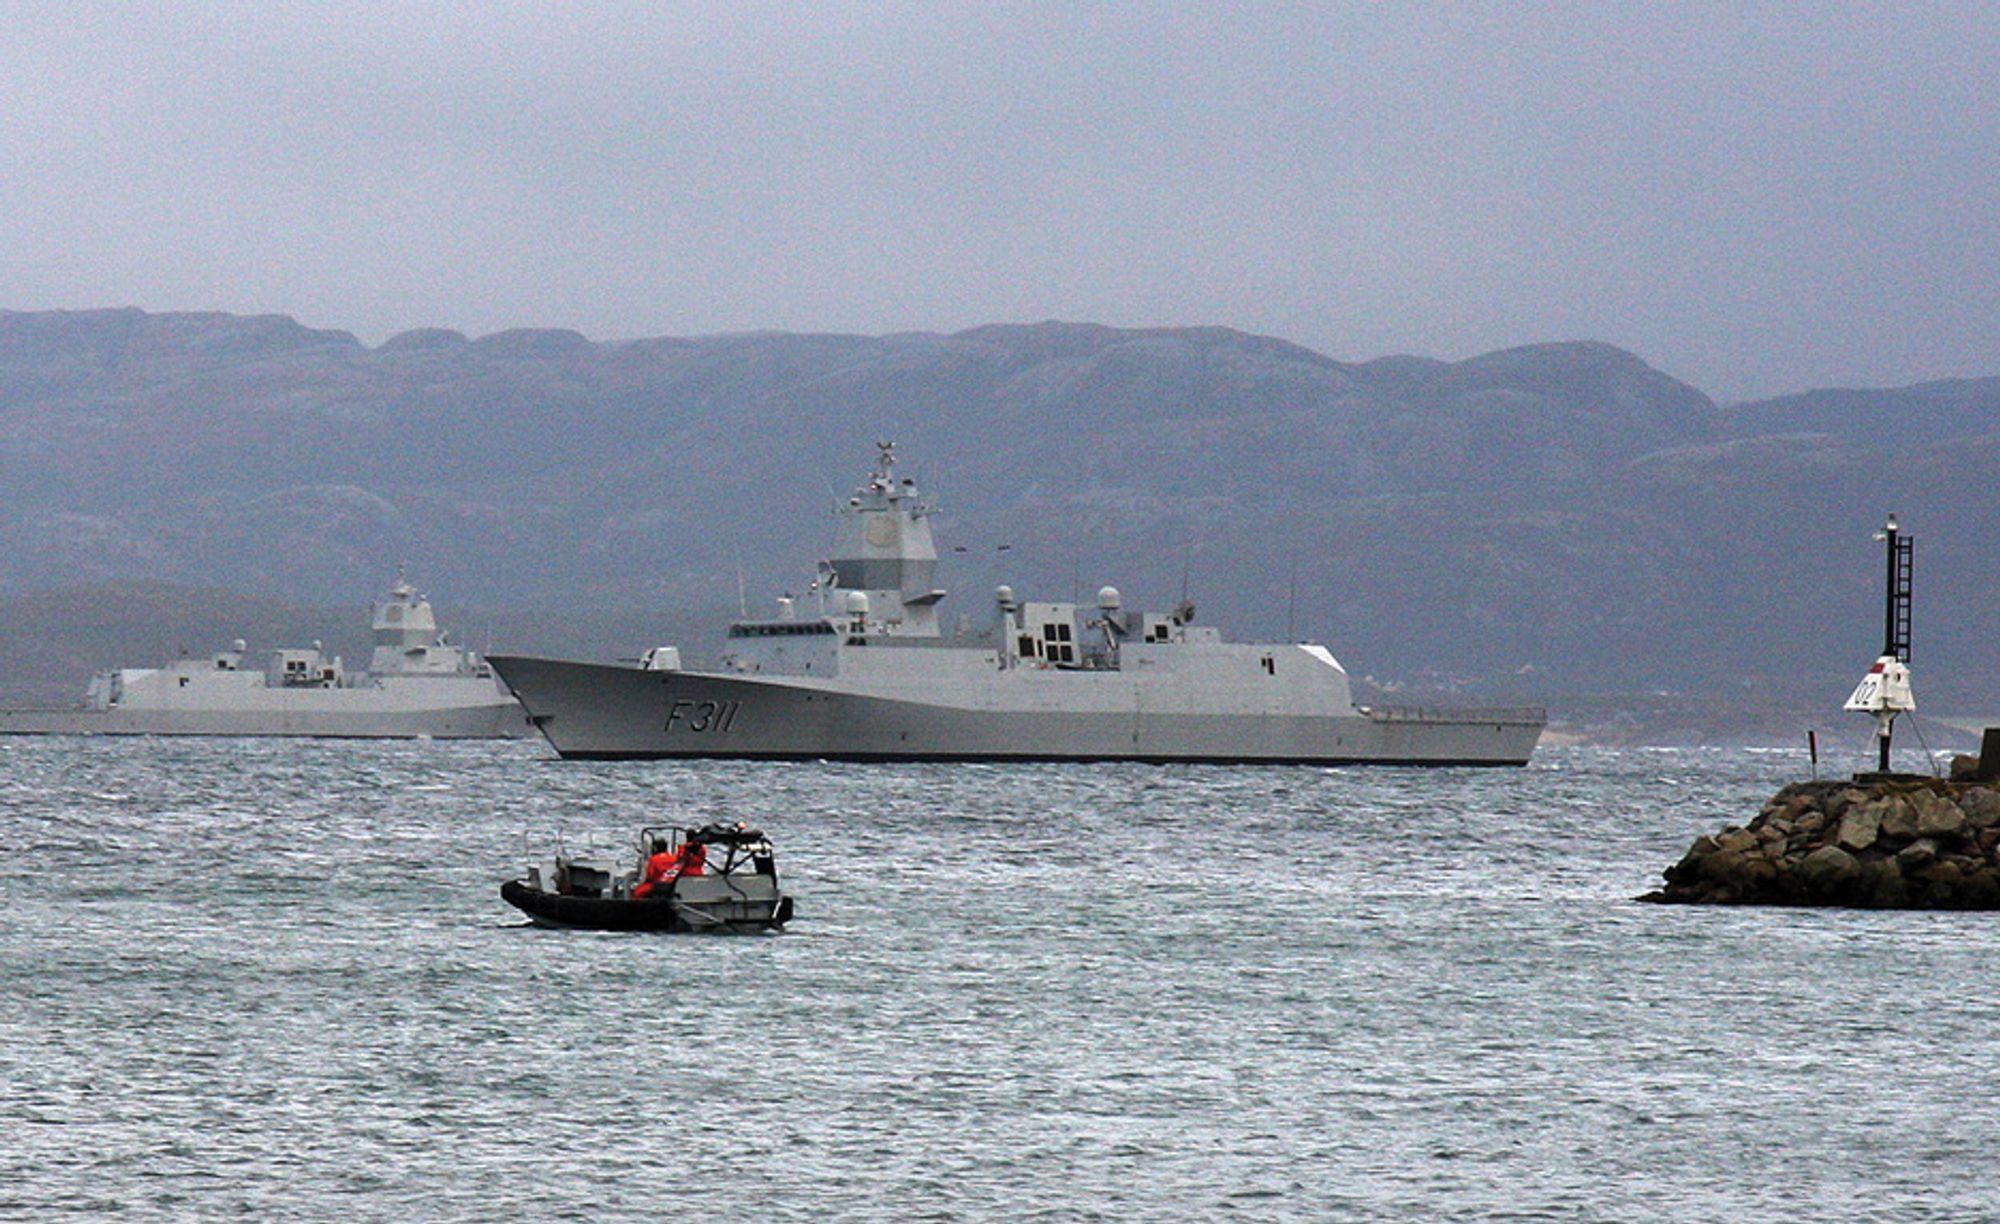 De nye Nansen-fregattene leverer 41 000 hestekrefter. Vekten er på 5 300 tonn.